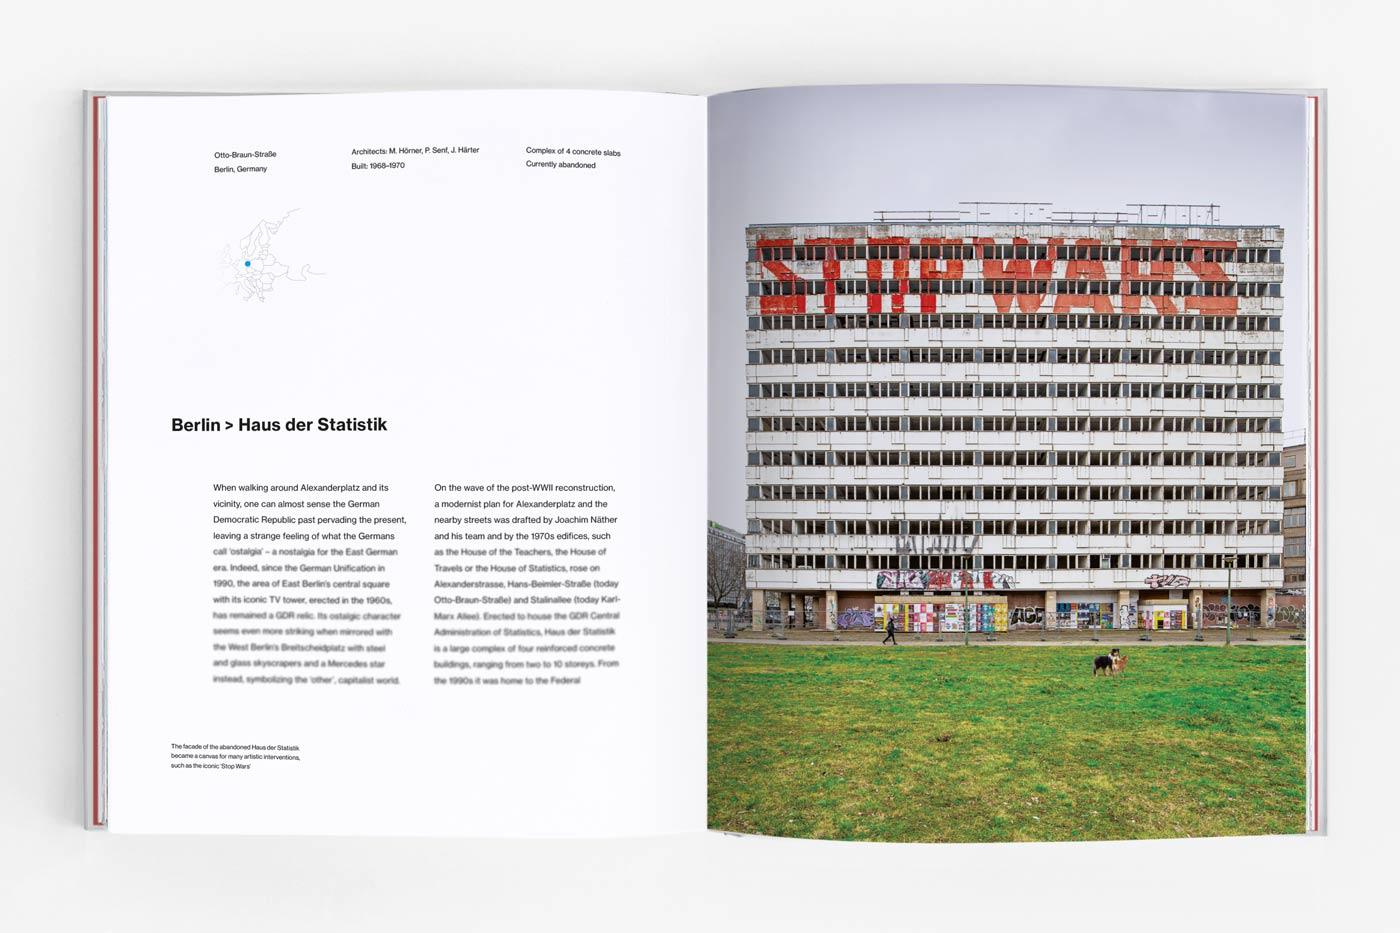 Haus der Statistik in Berlin, Germany